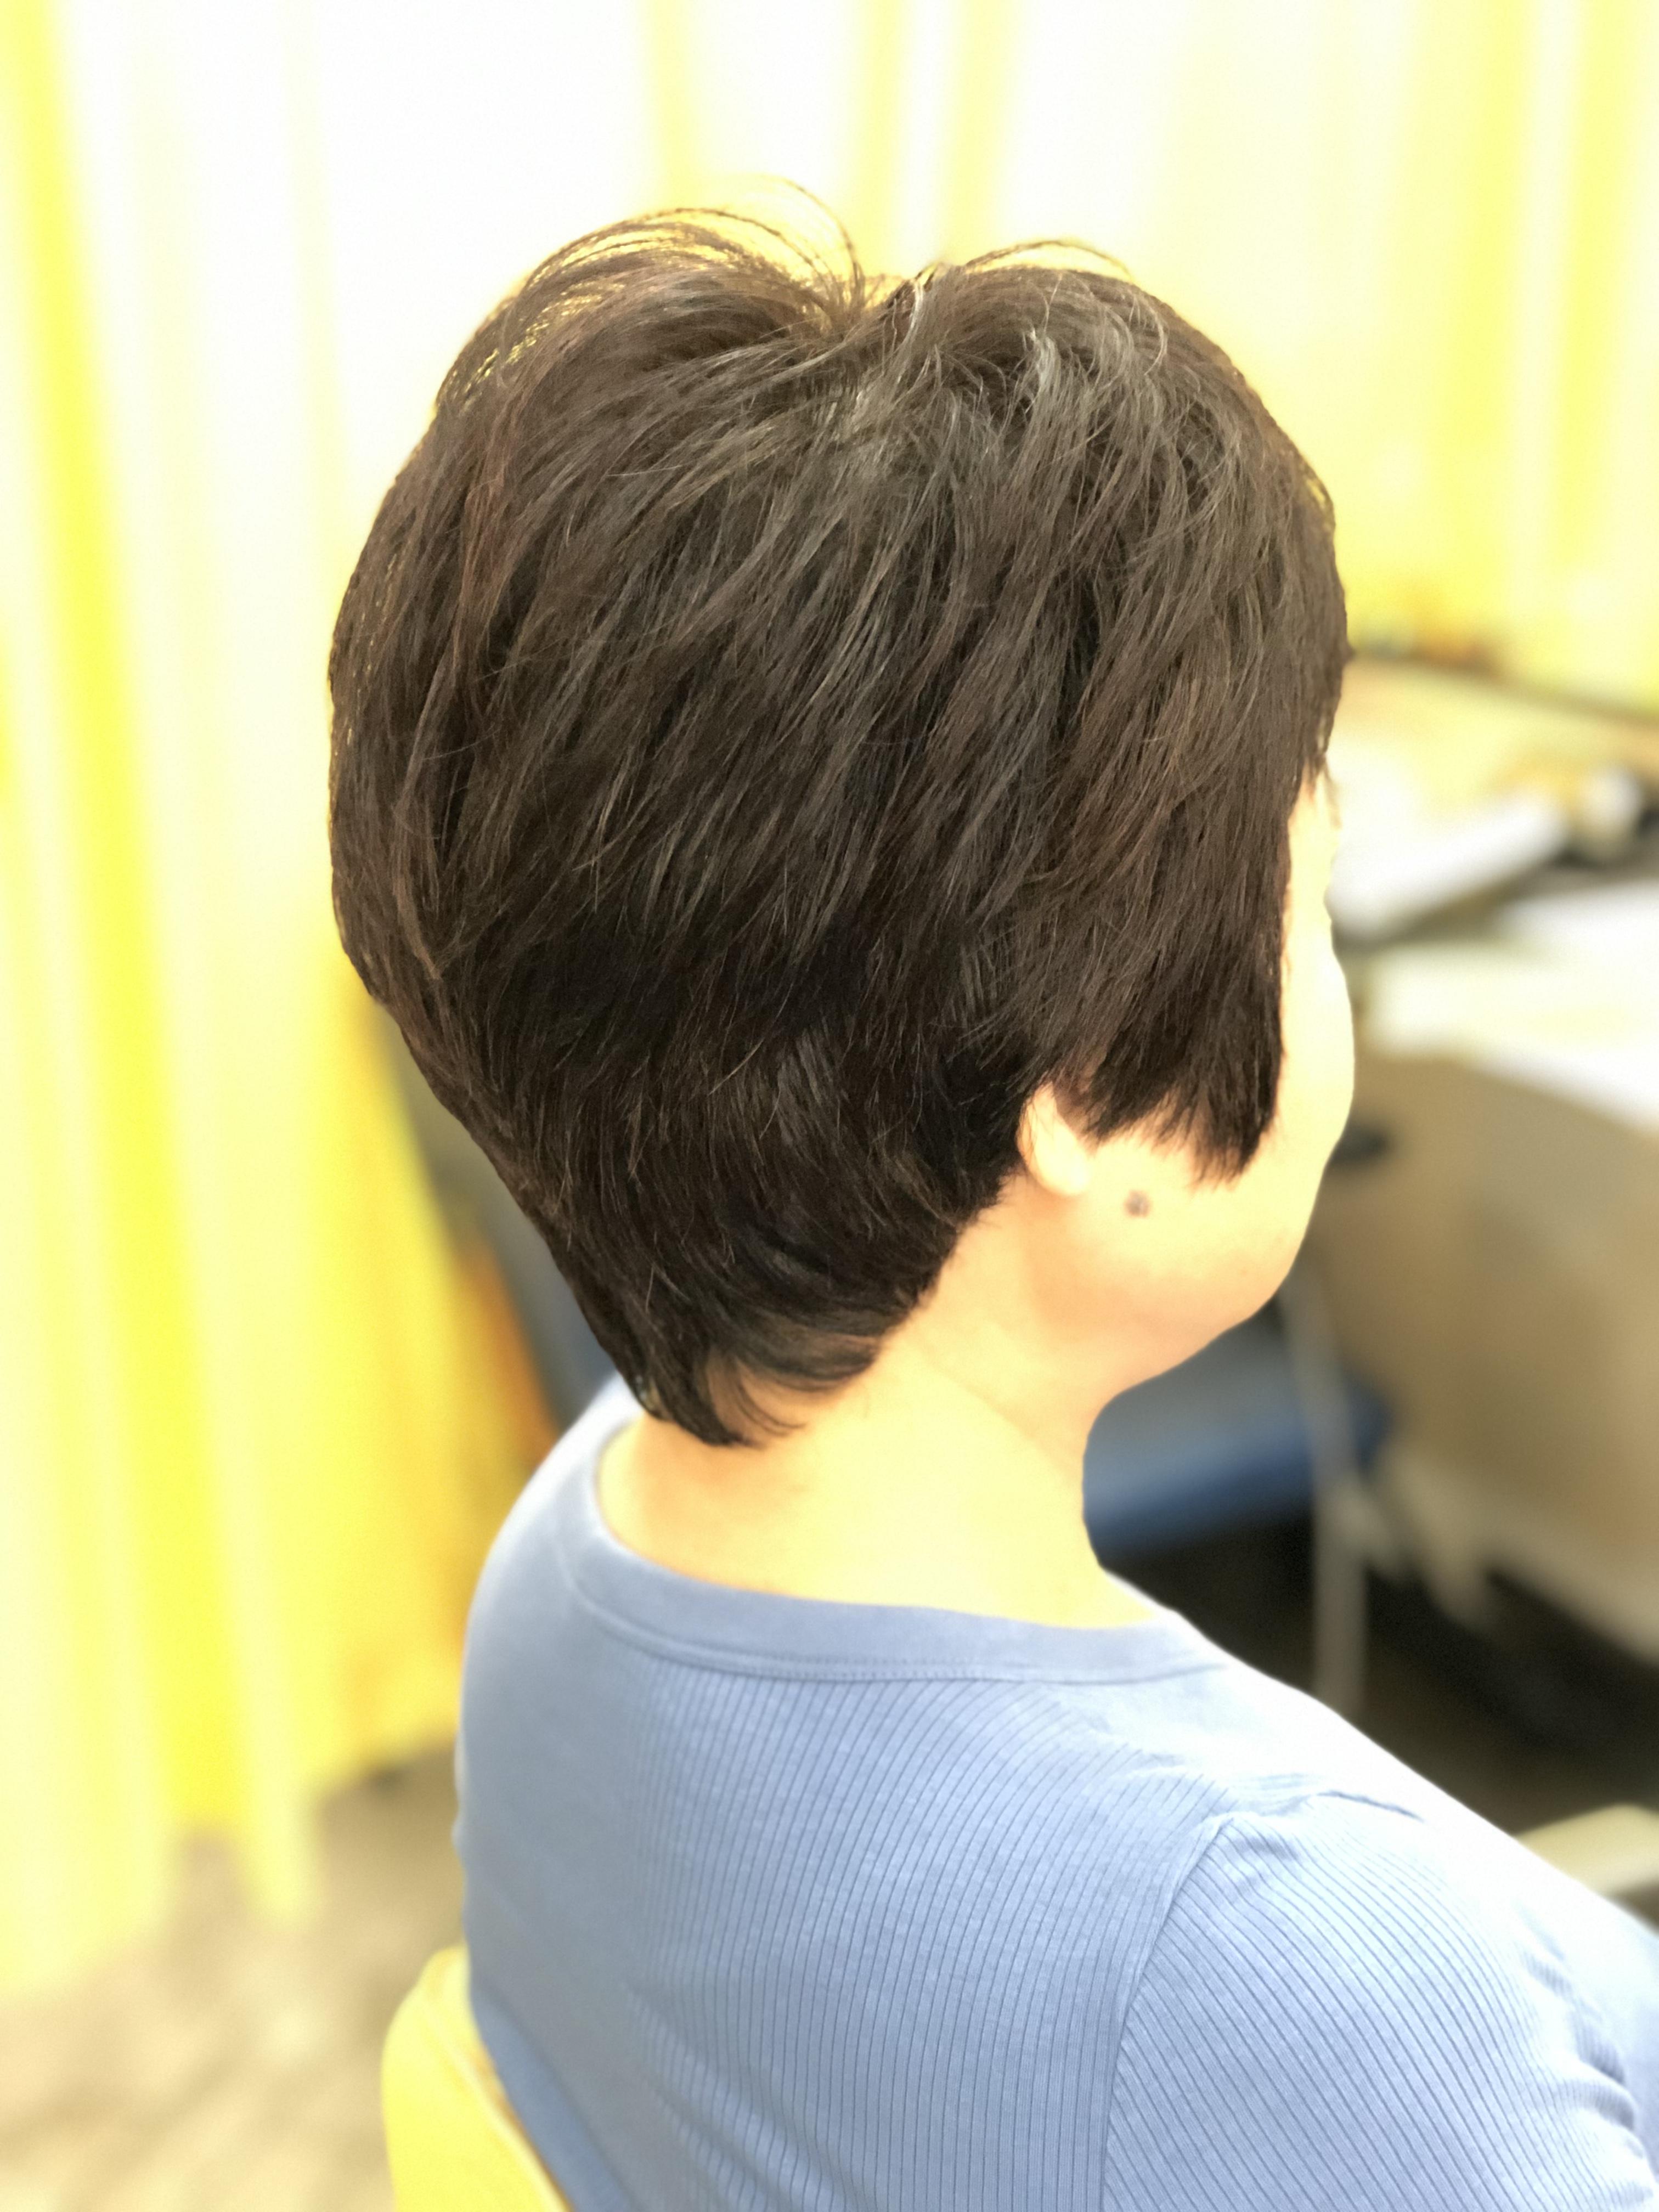 髪の毛でお悩みの方は是非、お越し下さい!